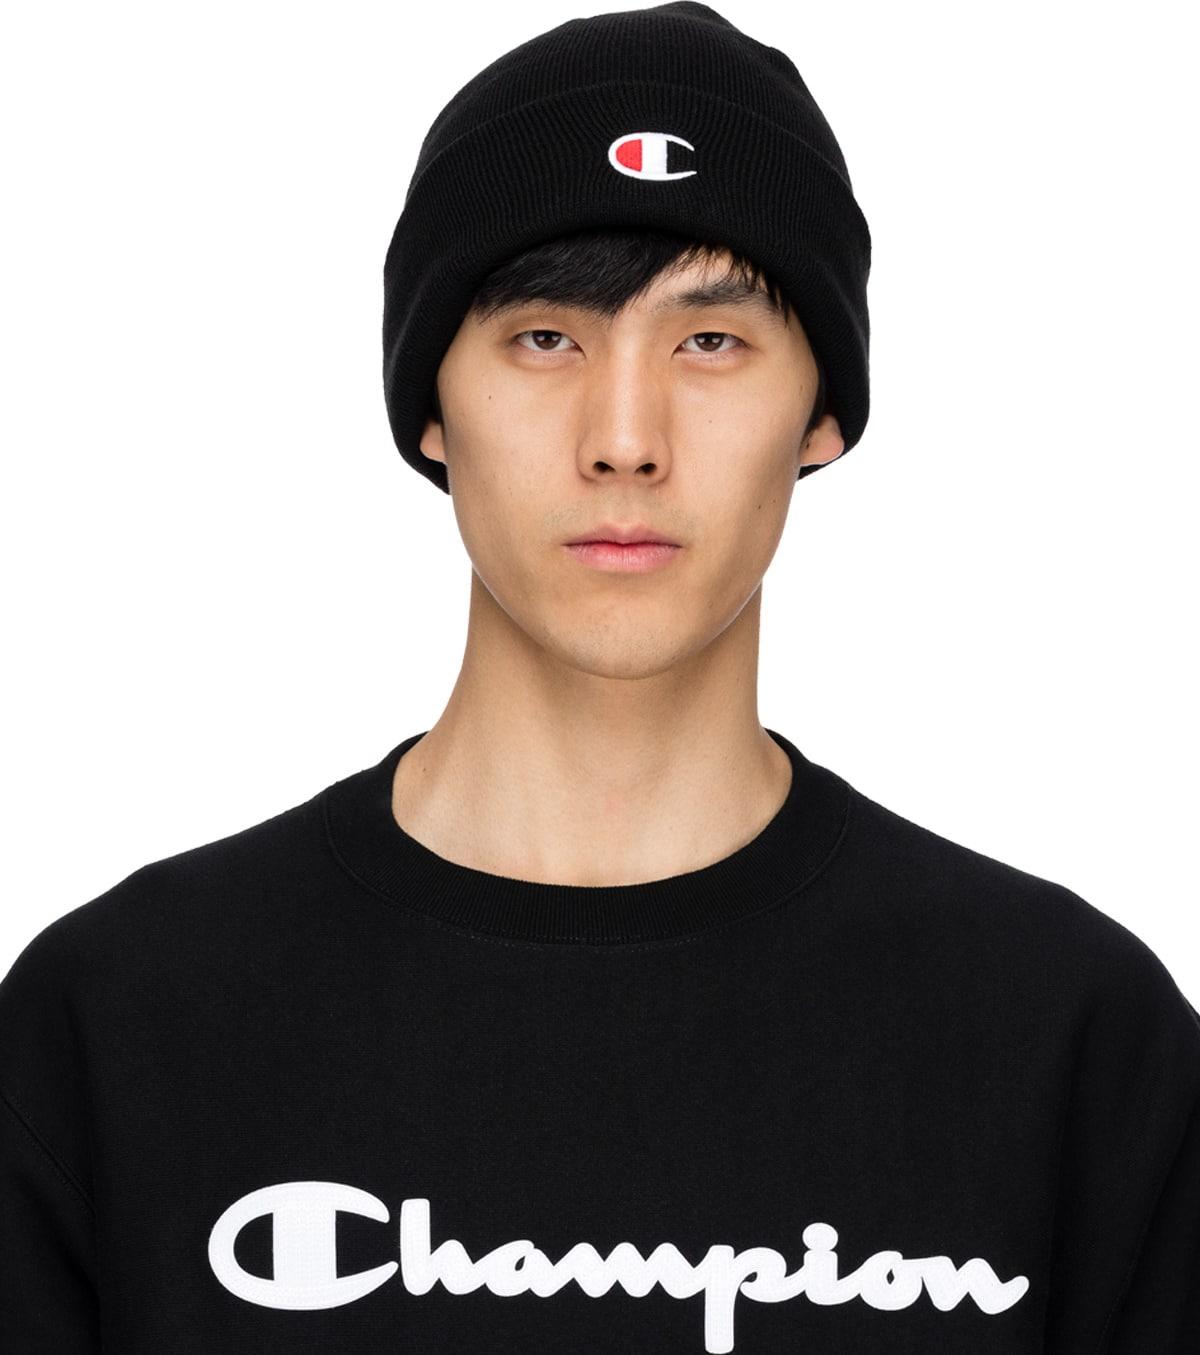 Champion  Small C Beanie - Black  99ce90e5e7a9